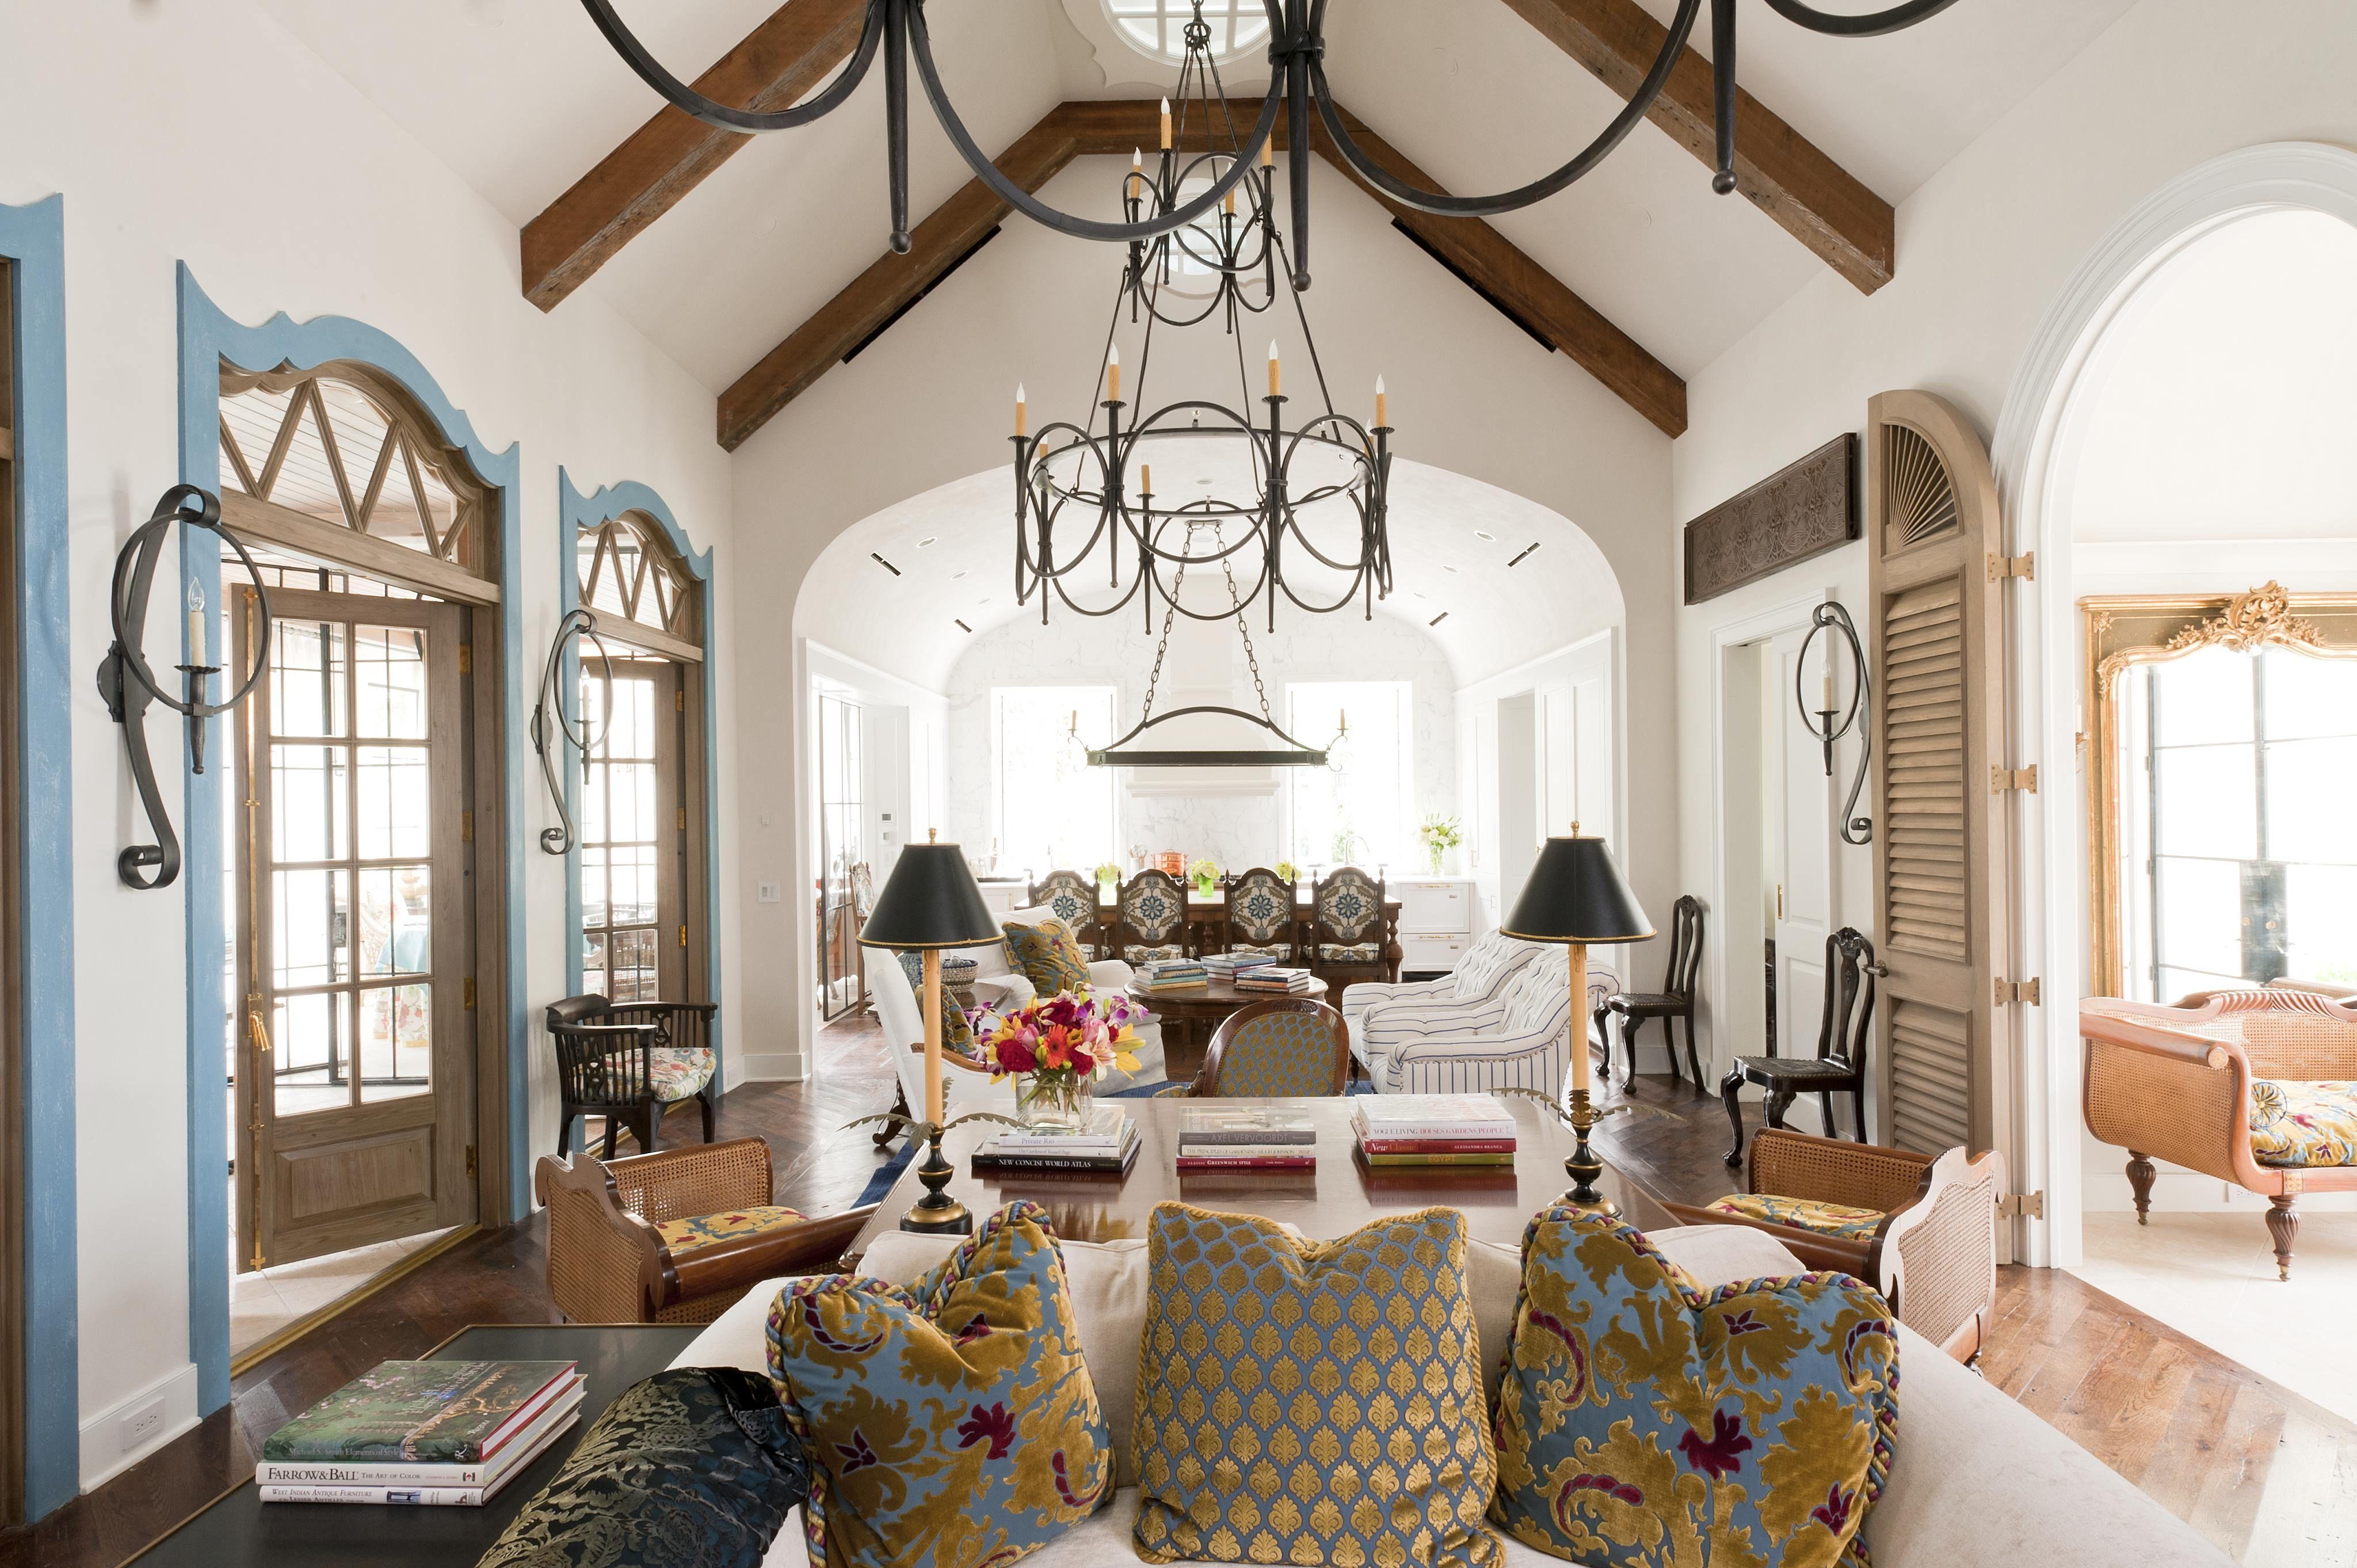 mediterranean interior design florida gulf coast